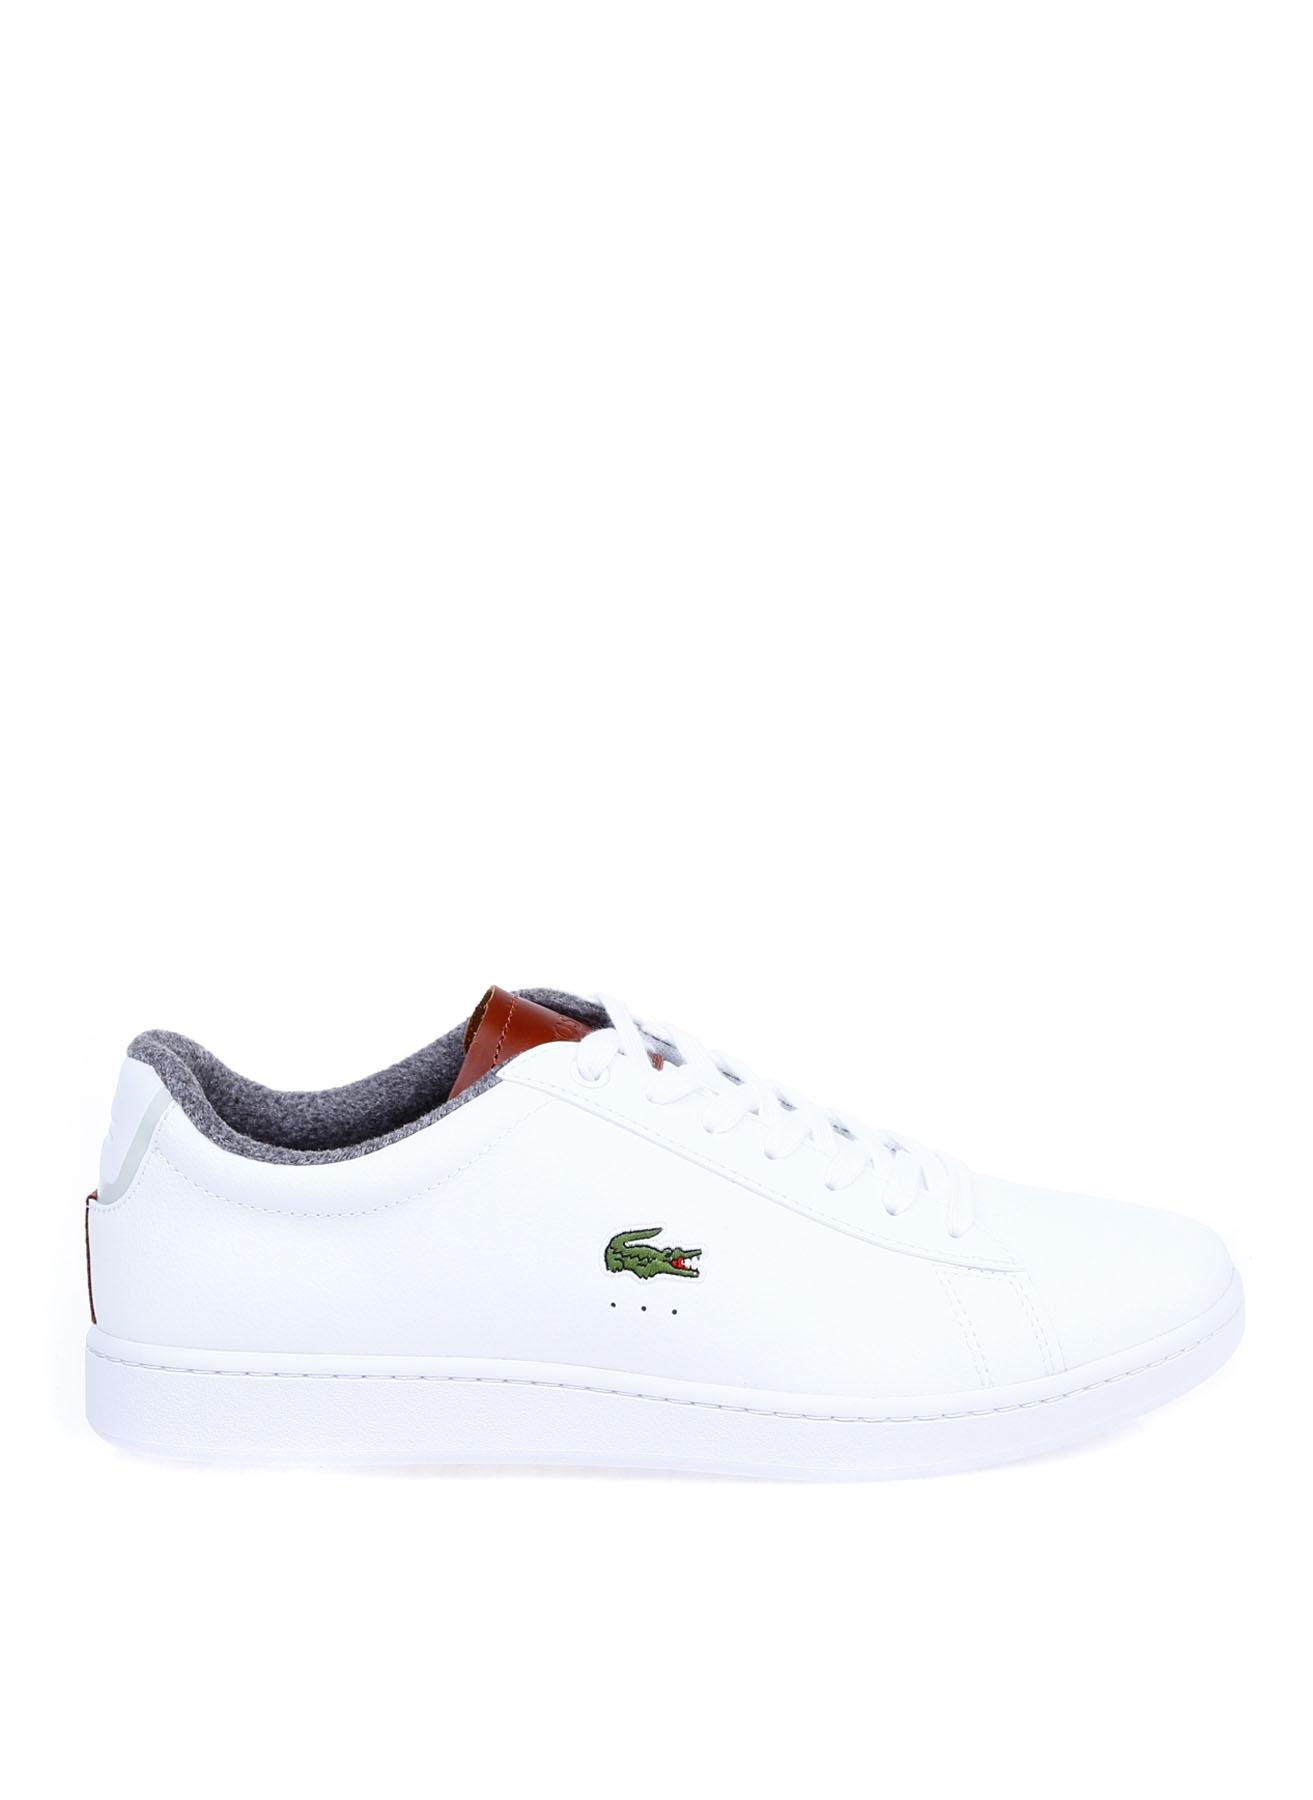 Lacoste Erkek Deri Beyaz-Kahve Lifestyle Ayakkabı 42 5002314249004 Ürün Resmi